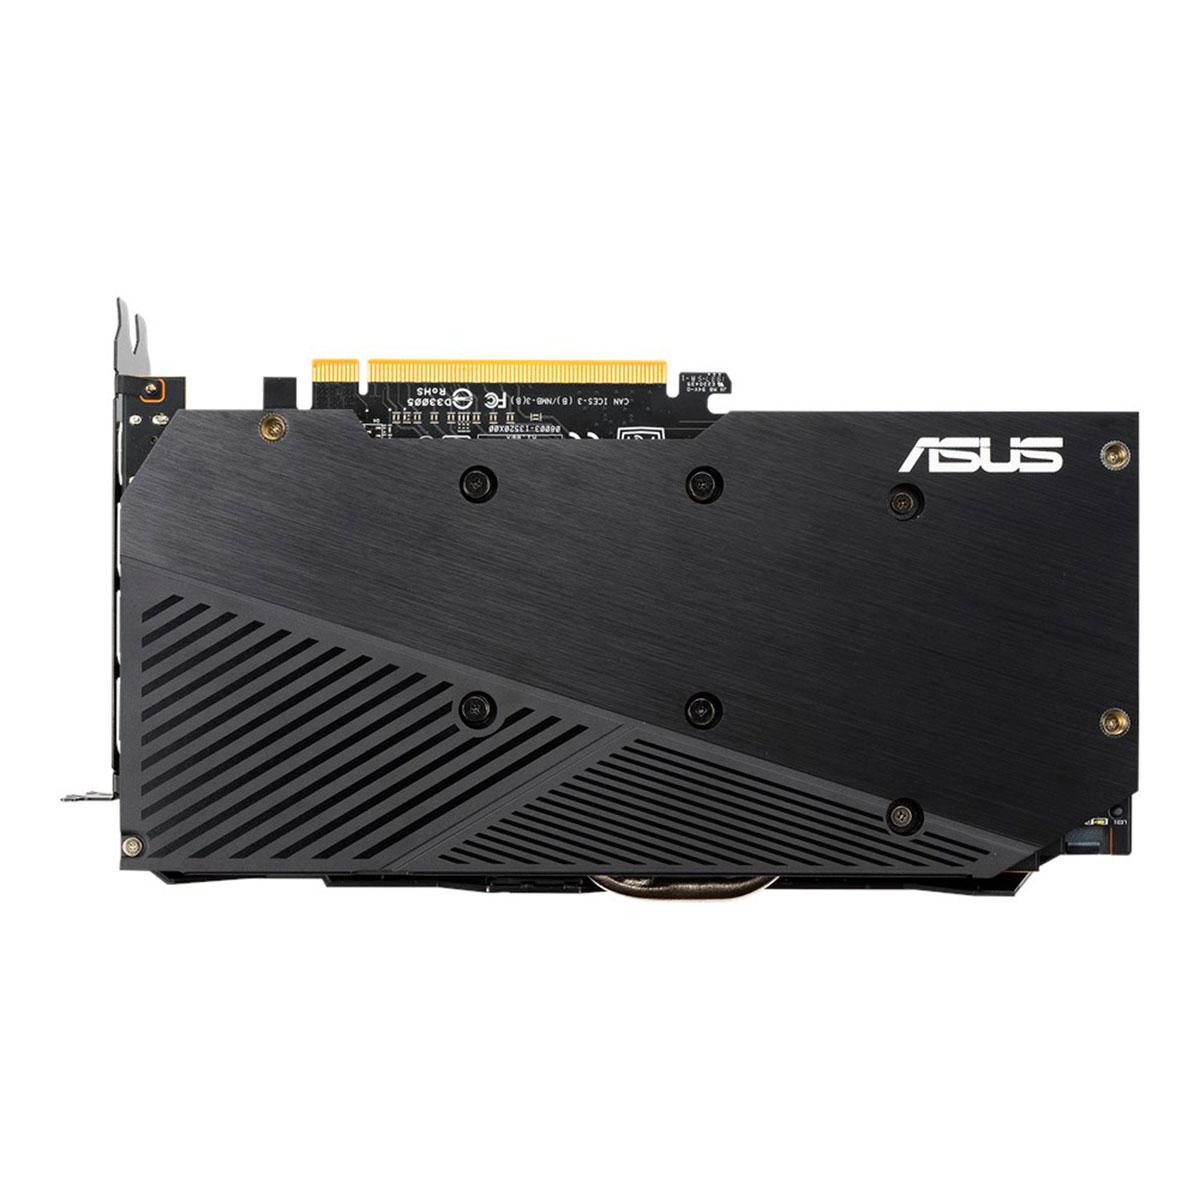 Placa de Vídeo 8GB Asus Radeon RX 5500 XT, GDDR6, 128 Bits, PCI-E 4.0 - DUAL RX5500XT-O8G-EVO